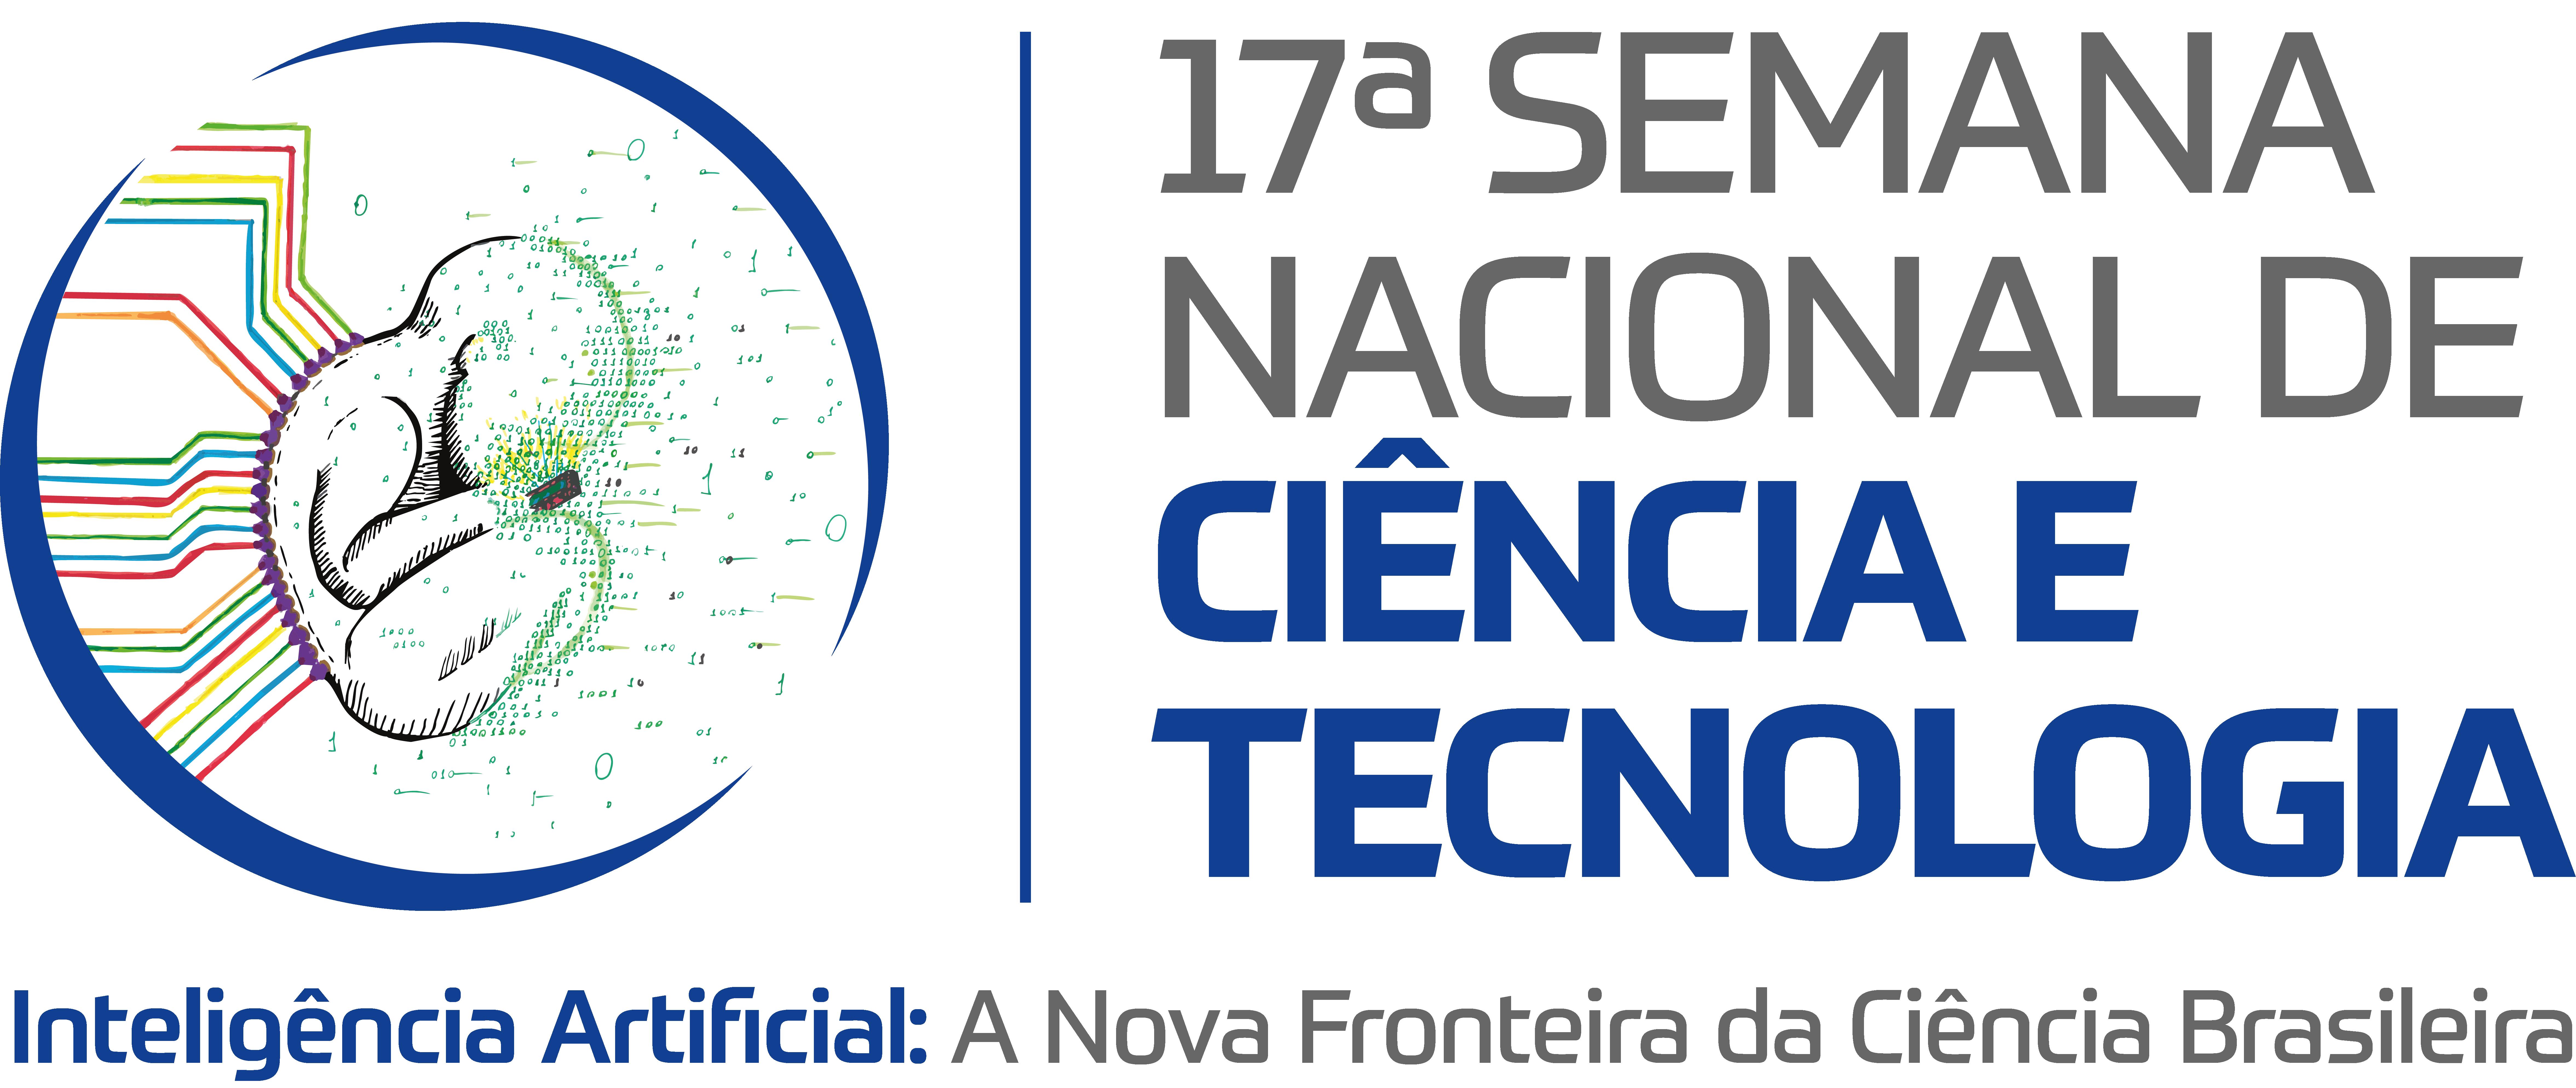 17ª Semana Nacional da Ciência e Tecnologia e Inovações